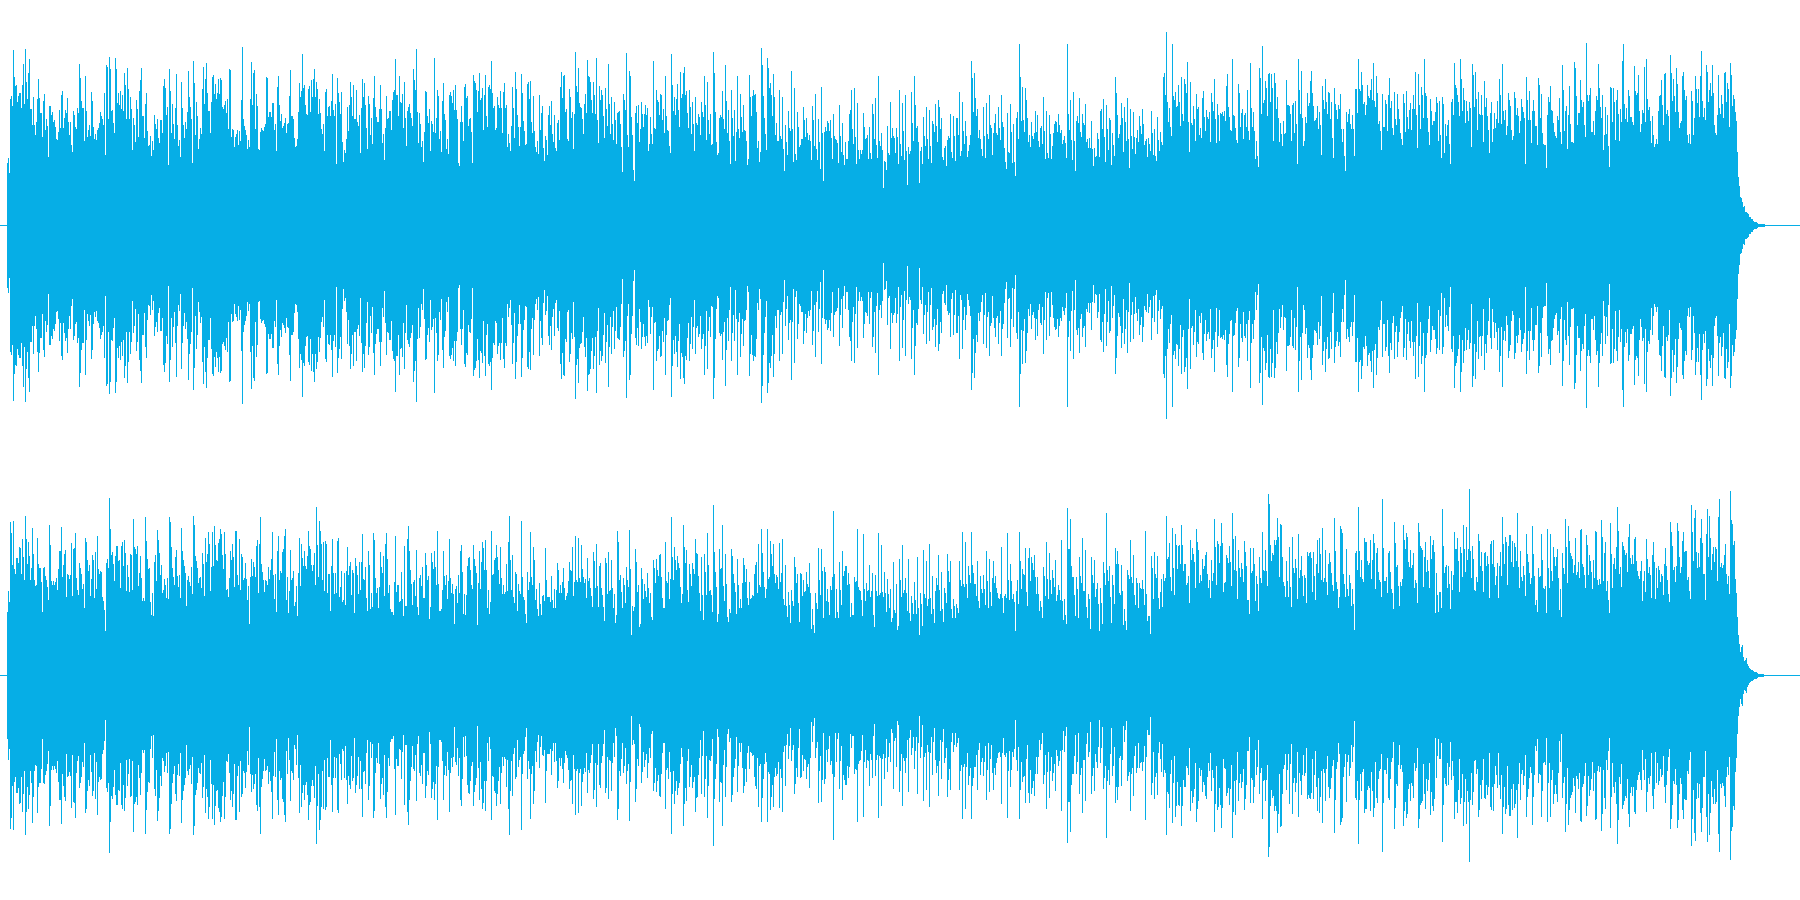 流暢でリズミカルなポップサウンドの再生済みの波形